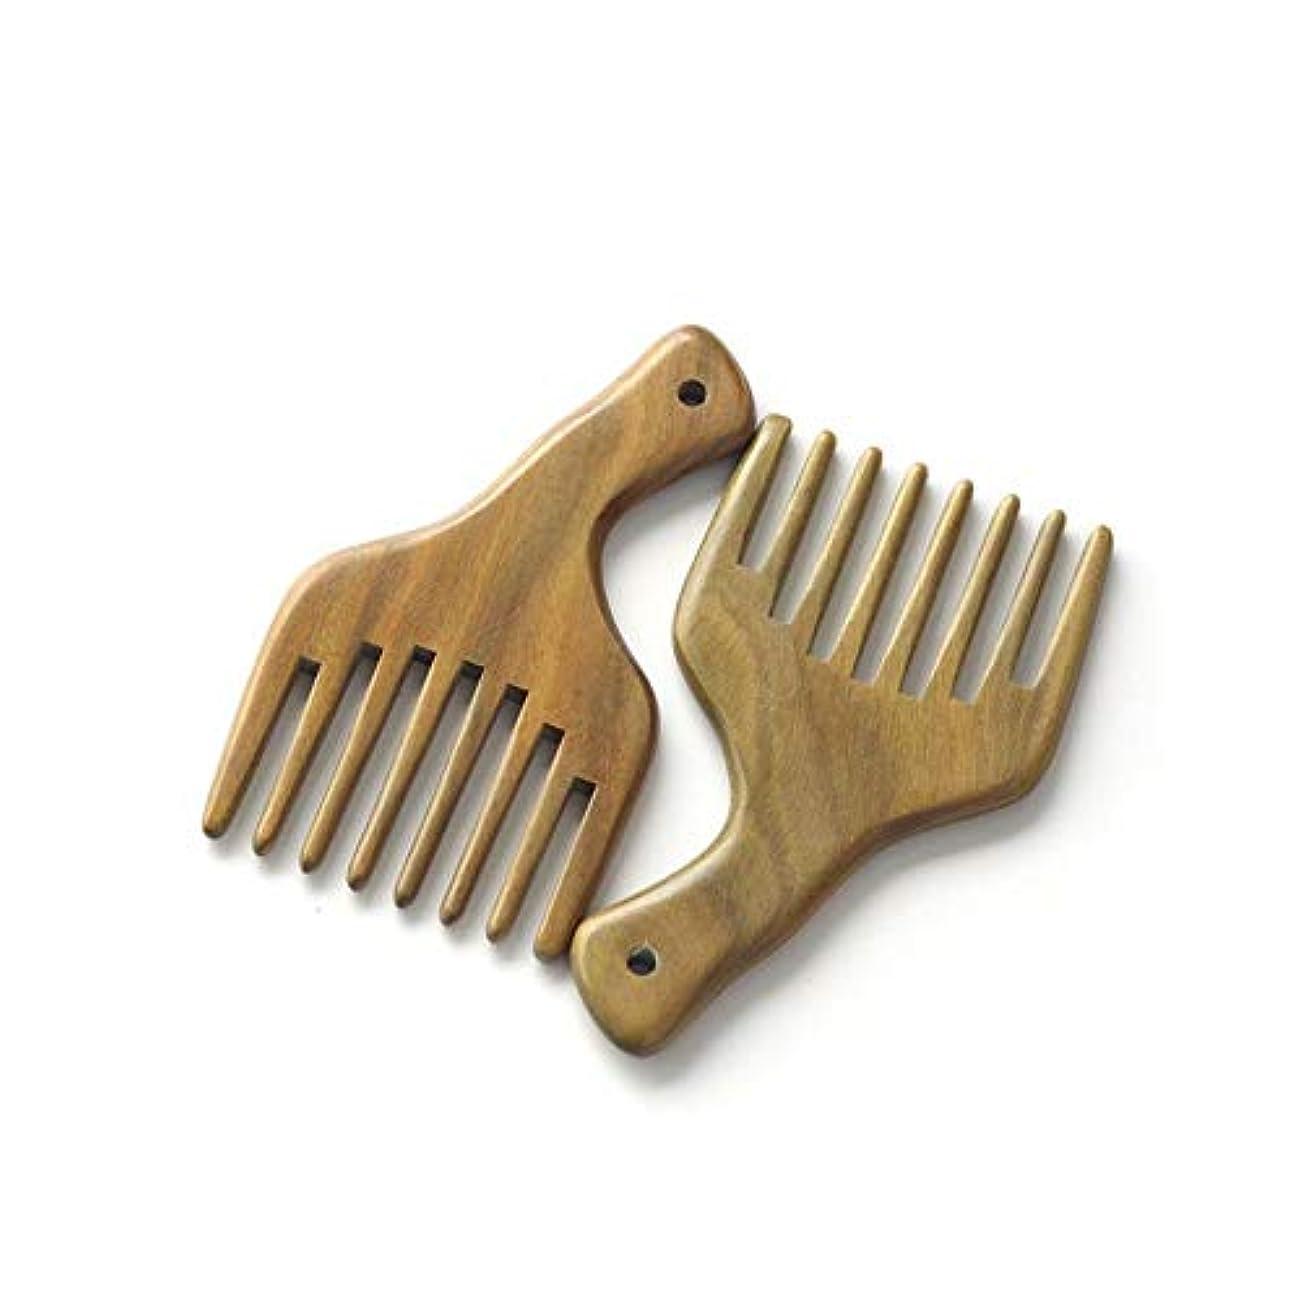 性能めまいが余剰Fashian木製くしナチュラルグリーンサンダルウッドマッサージくし手作りワイド歯ヘアコーム ヘアケア